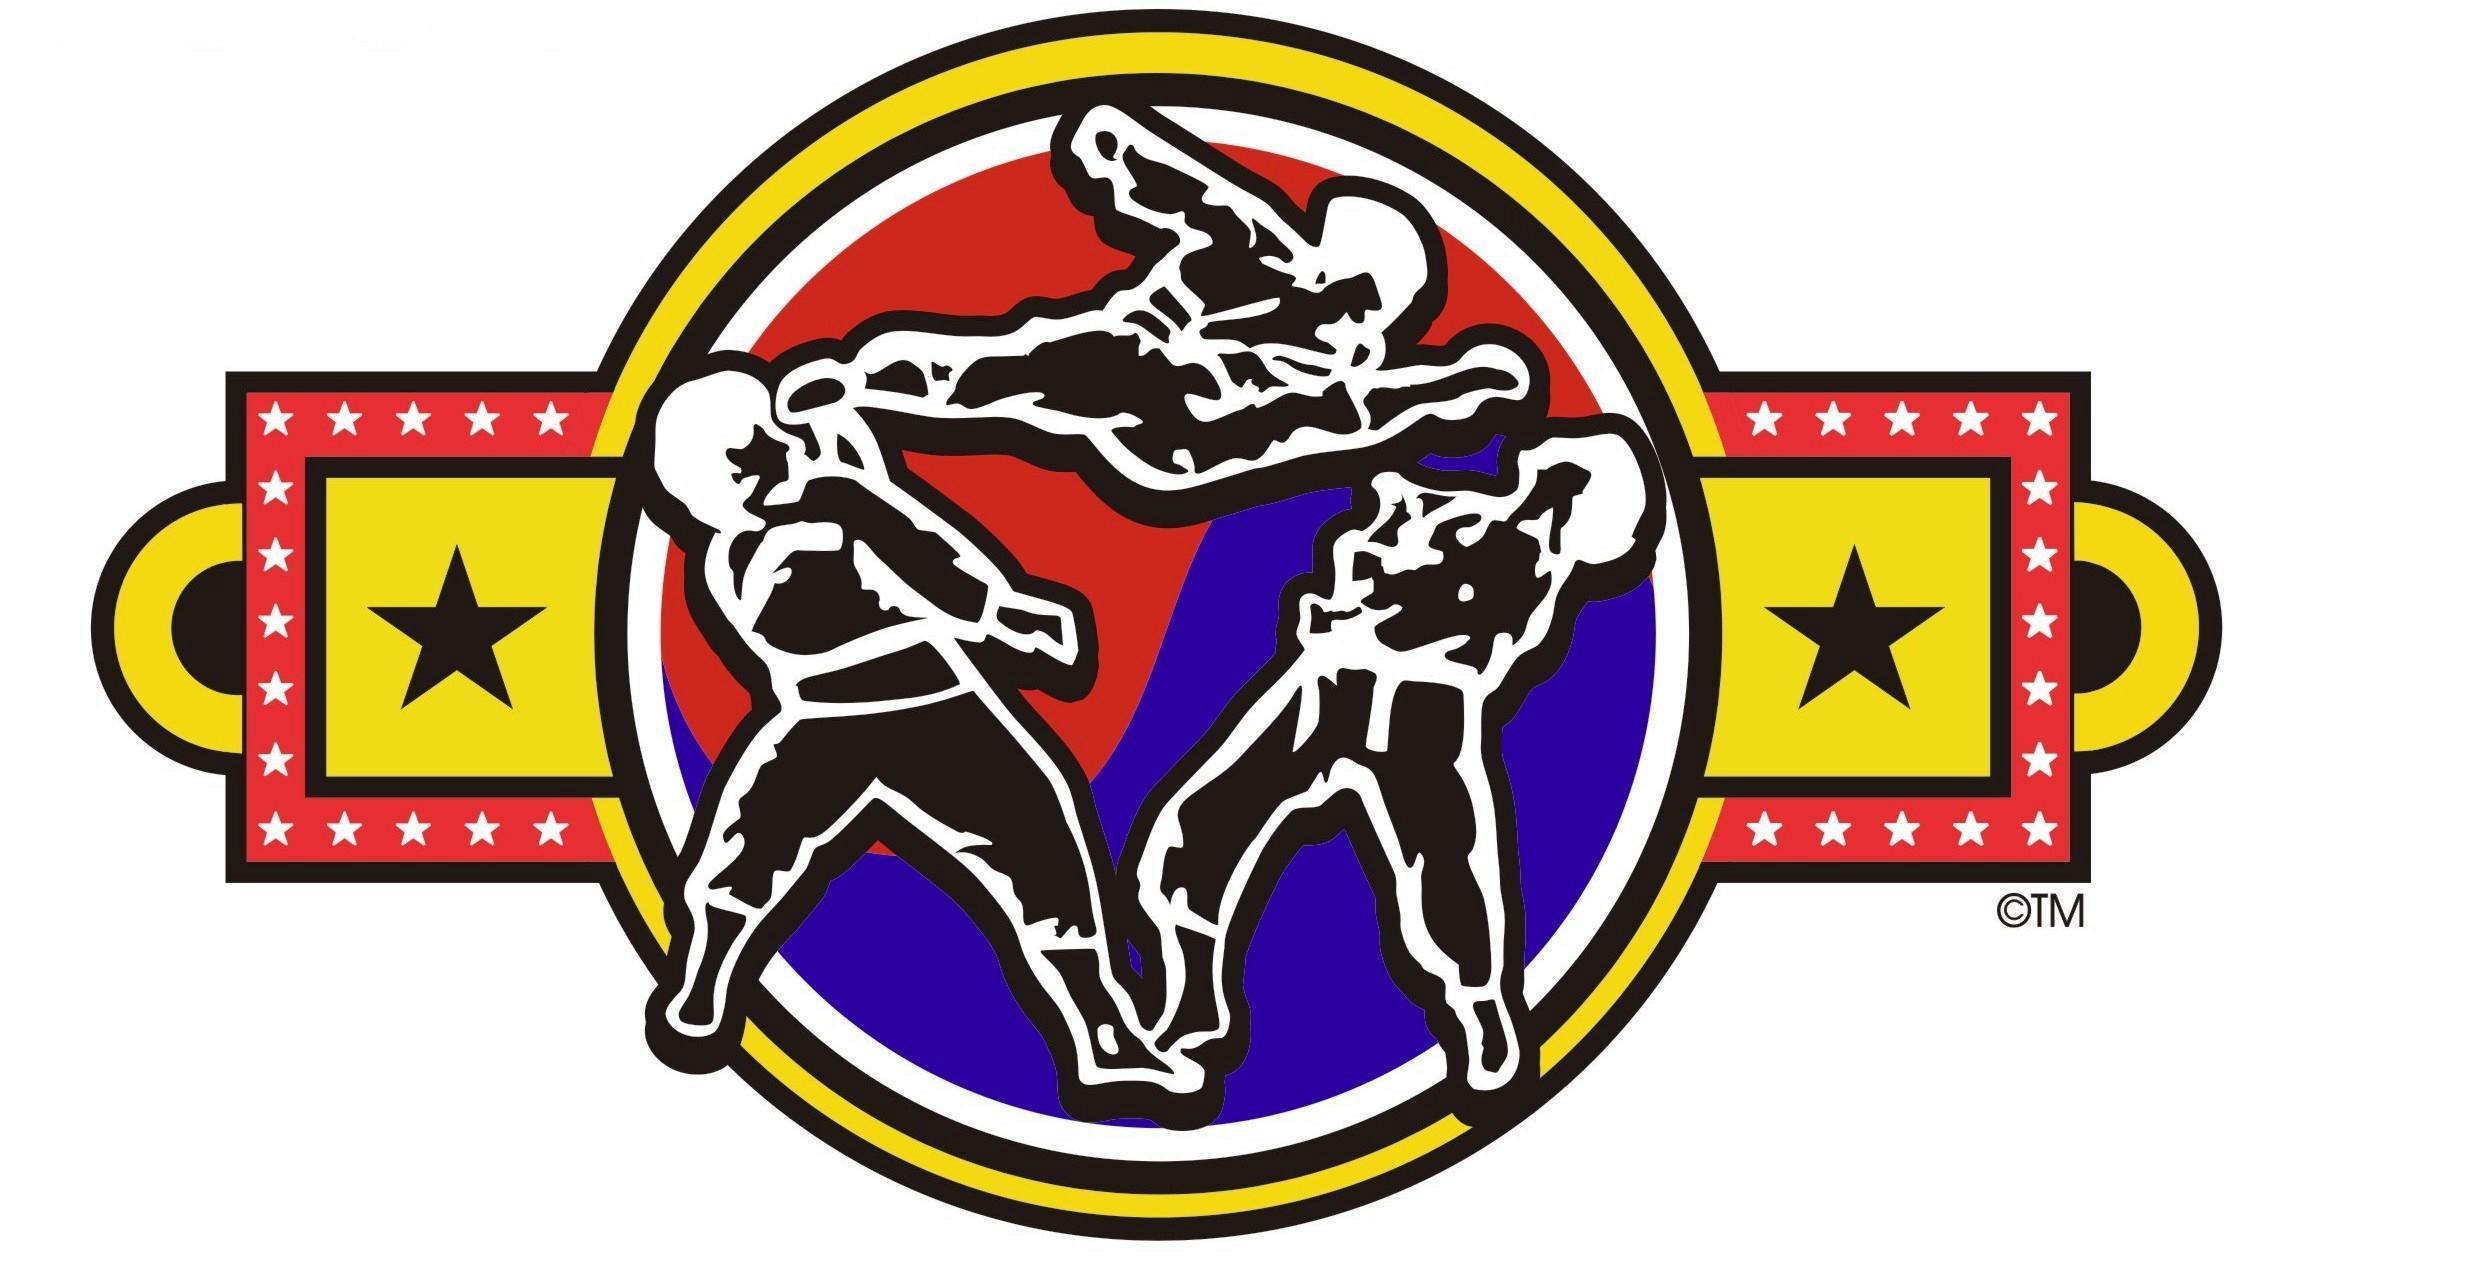 New TKD logo